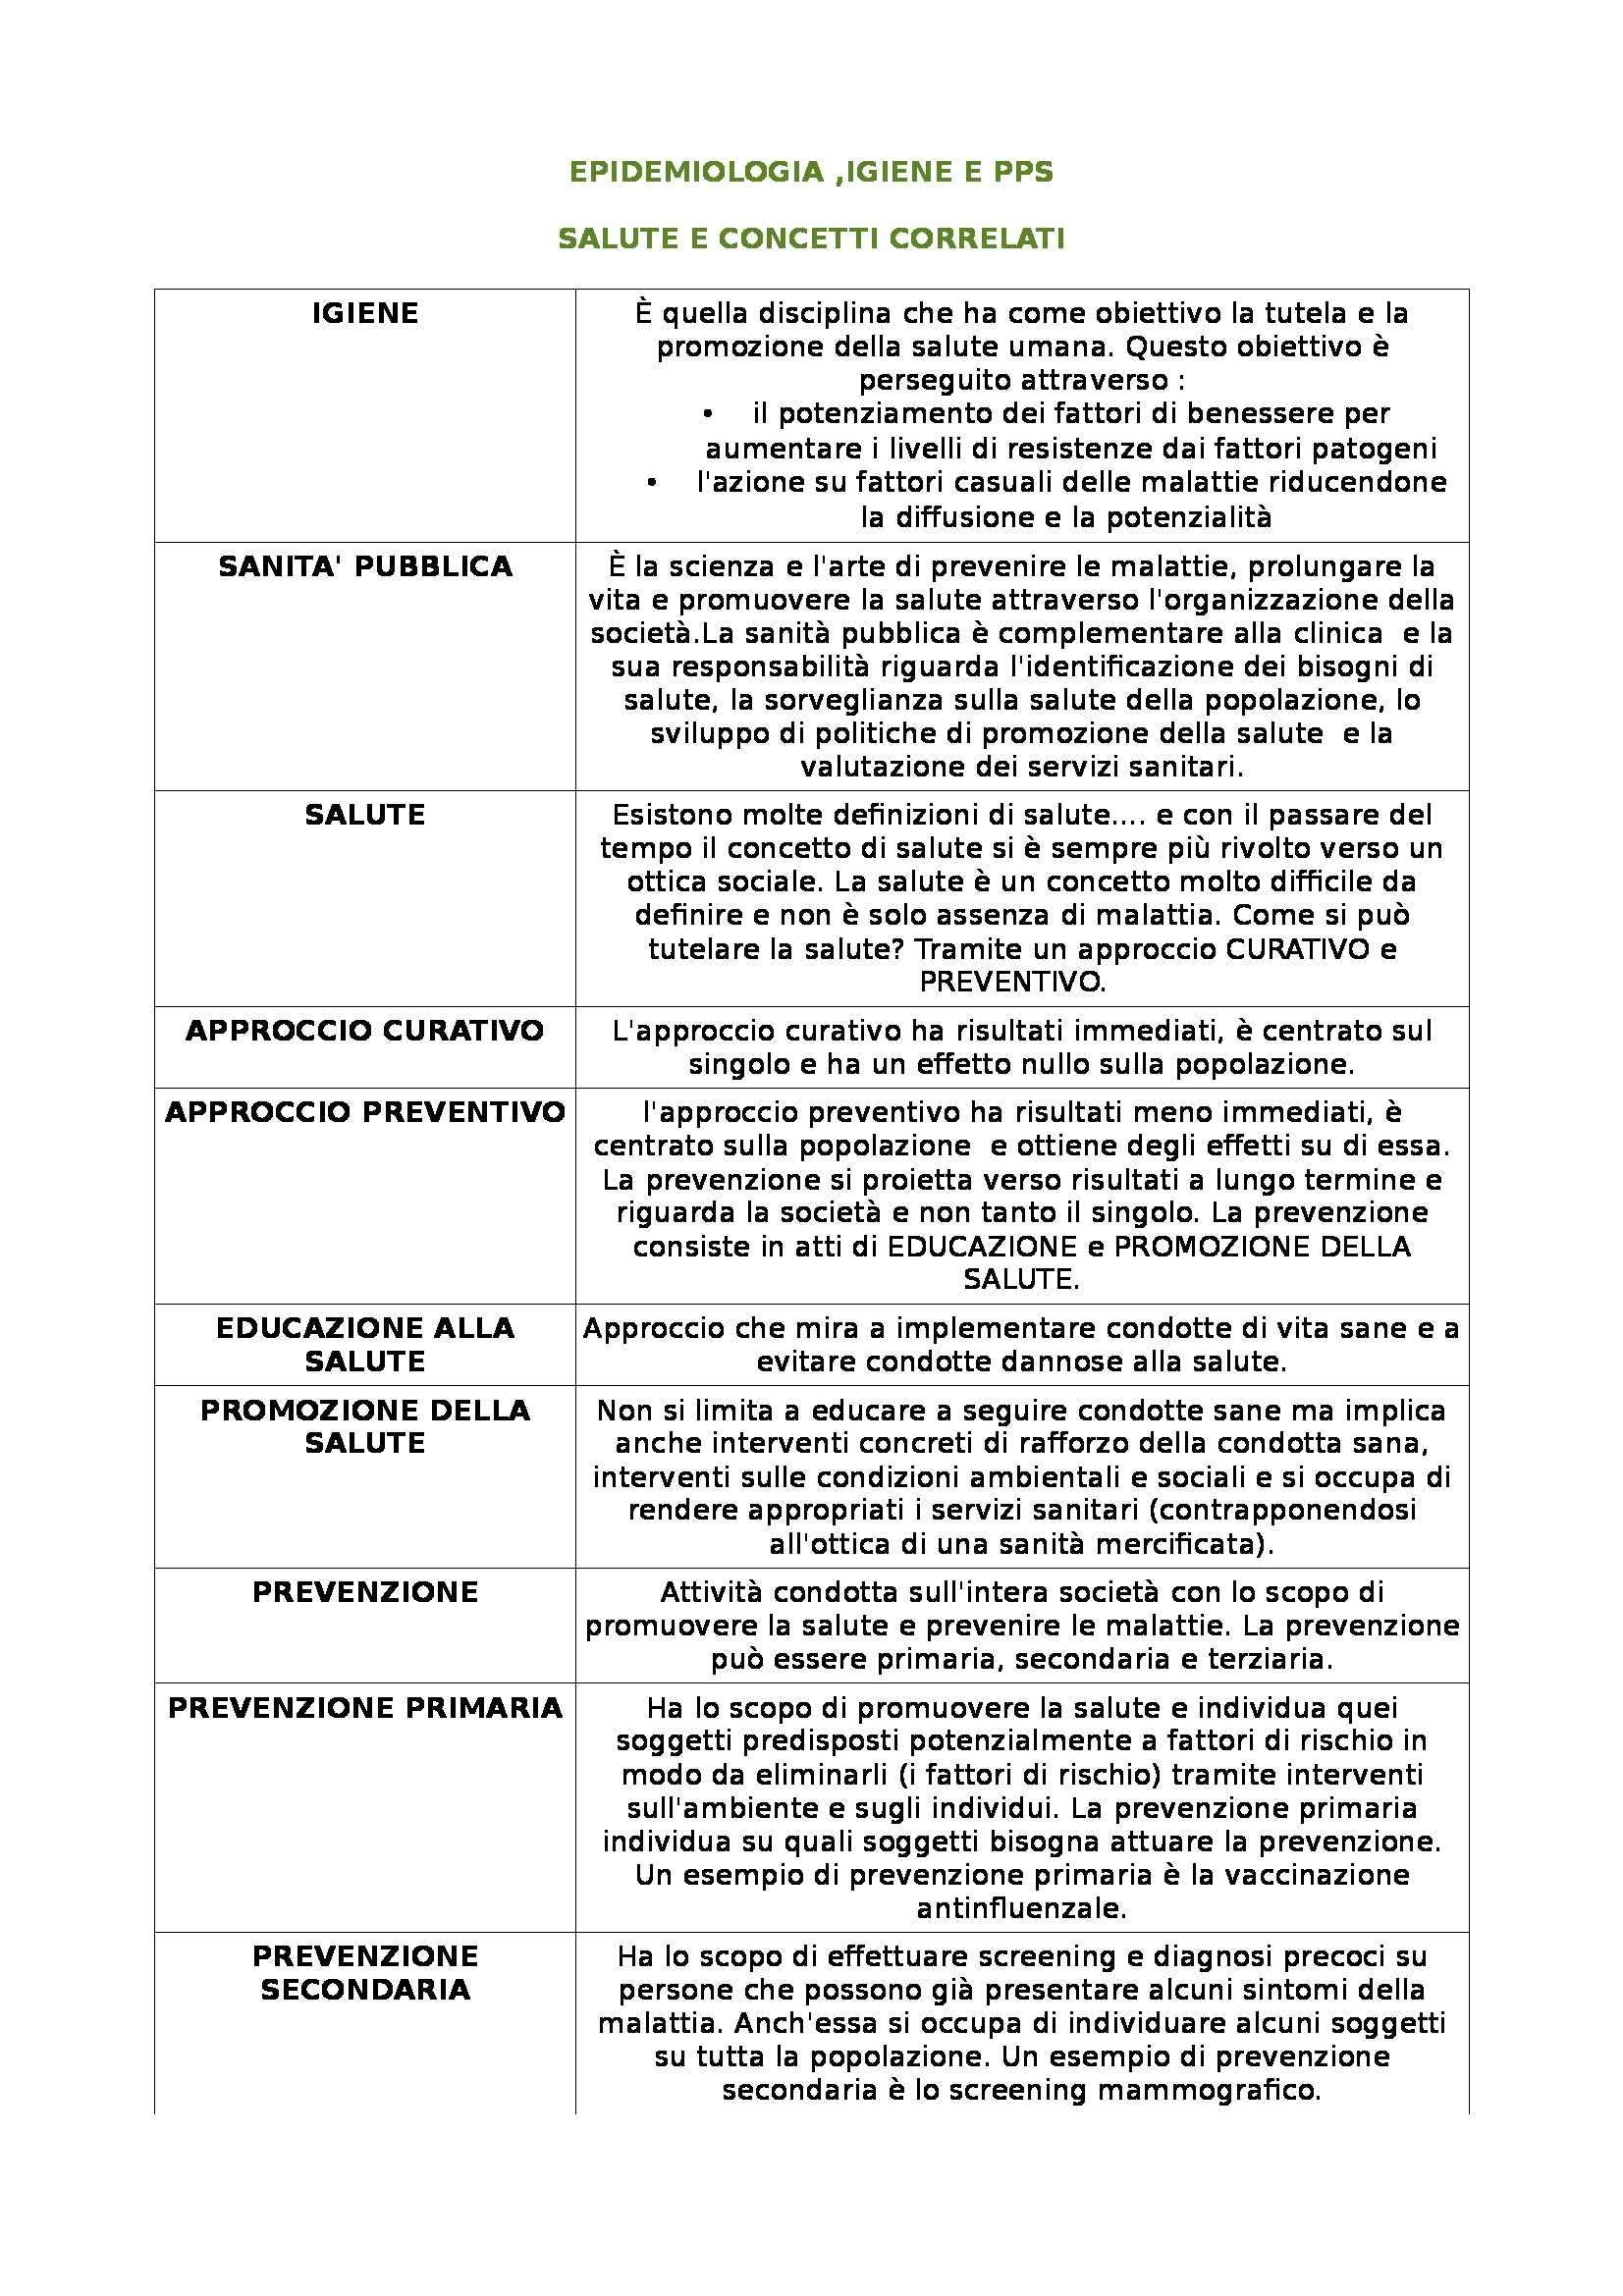 Epidemiologia - Appunti